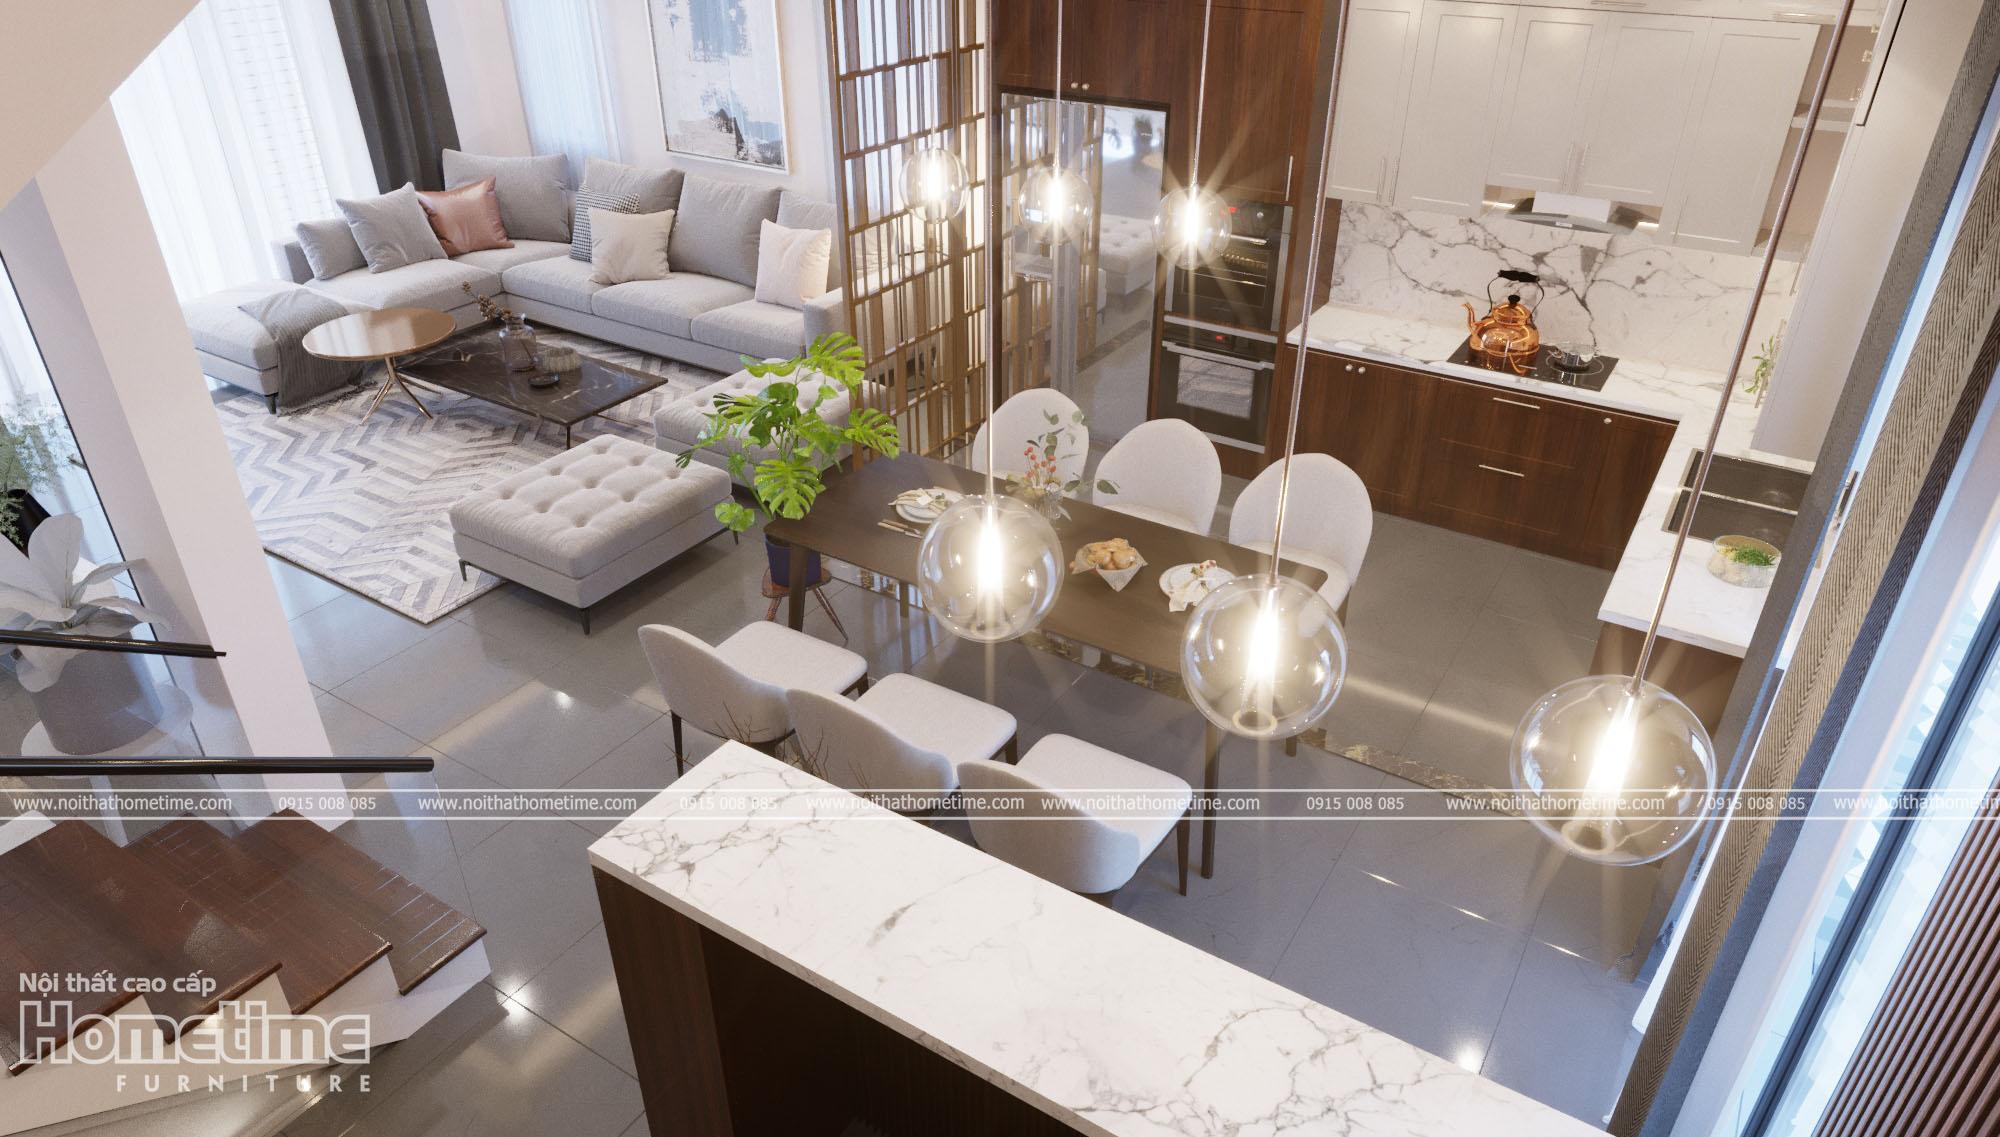 Thiết kế nội thất phòng bếp - Tủ bếp nhựa picomat cao cấp